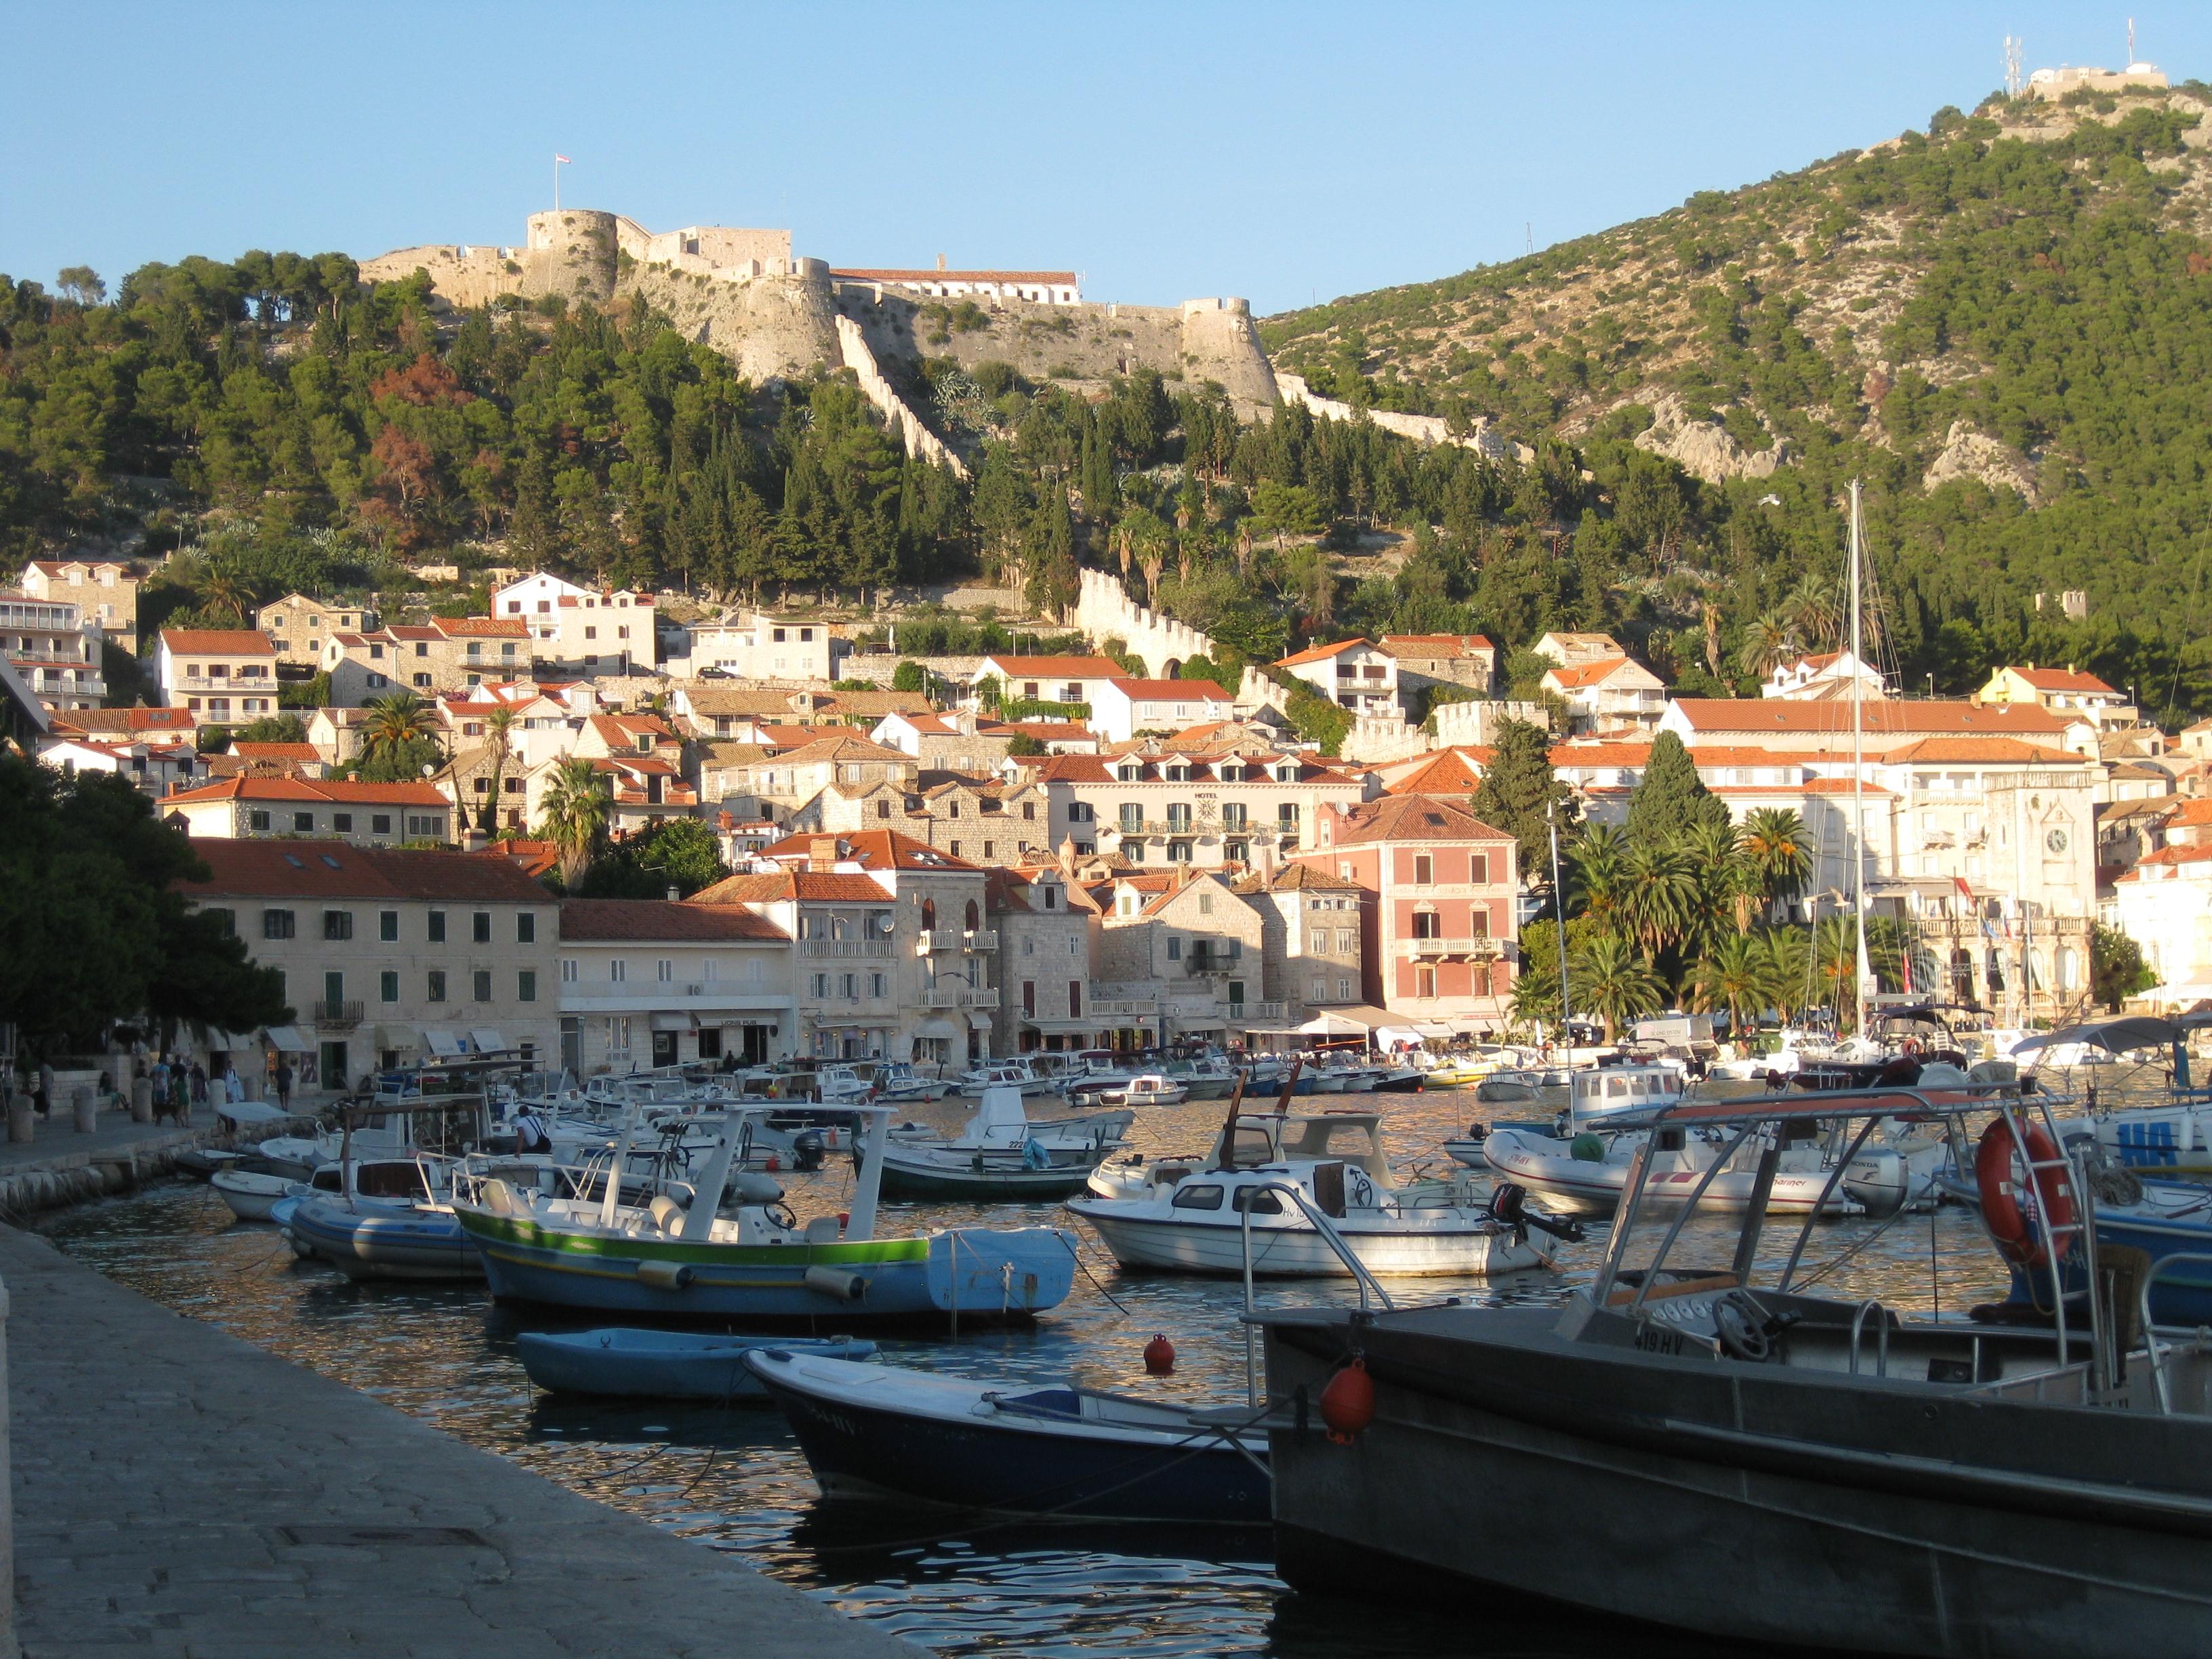 CroatiaHarbor